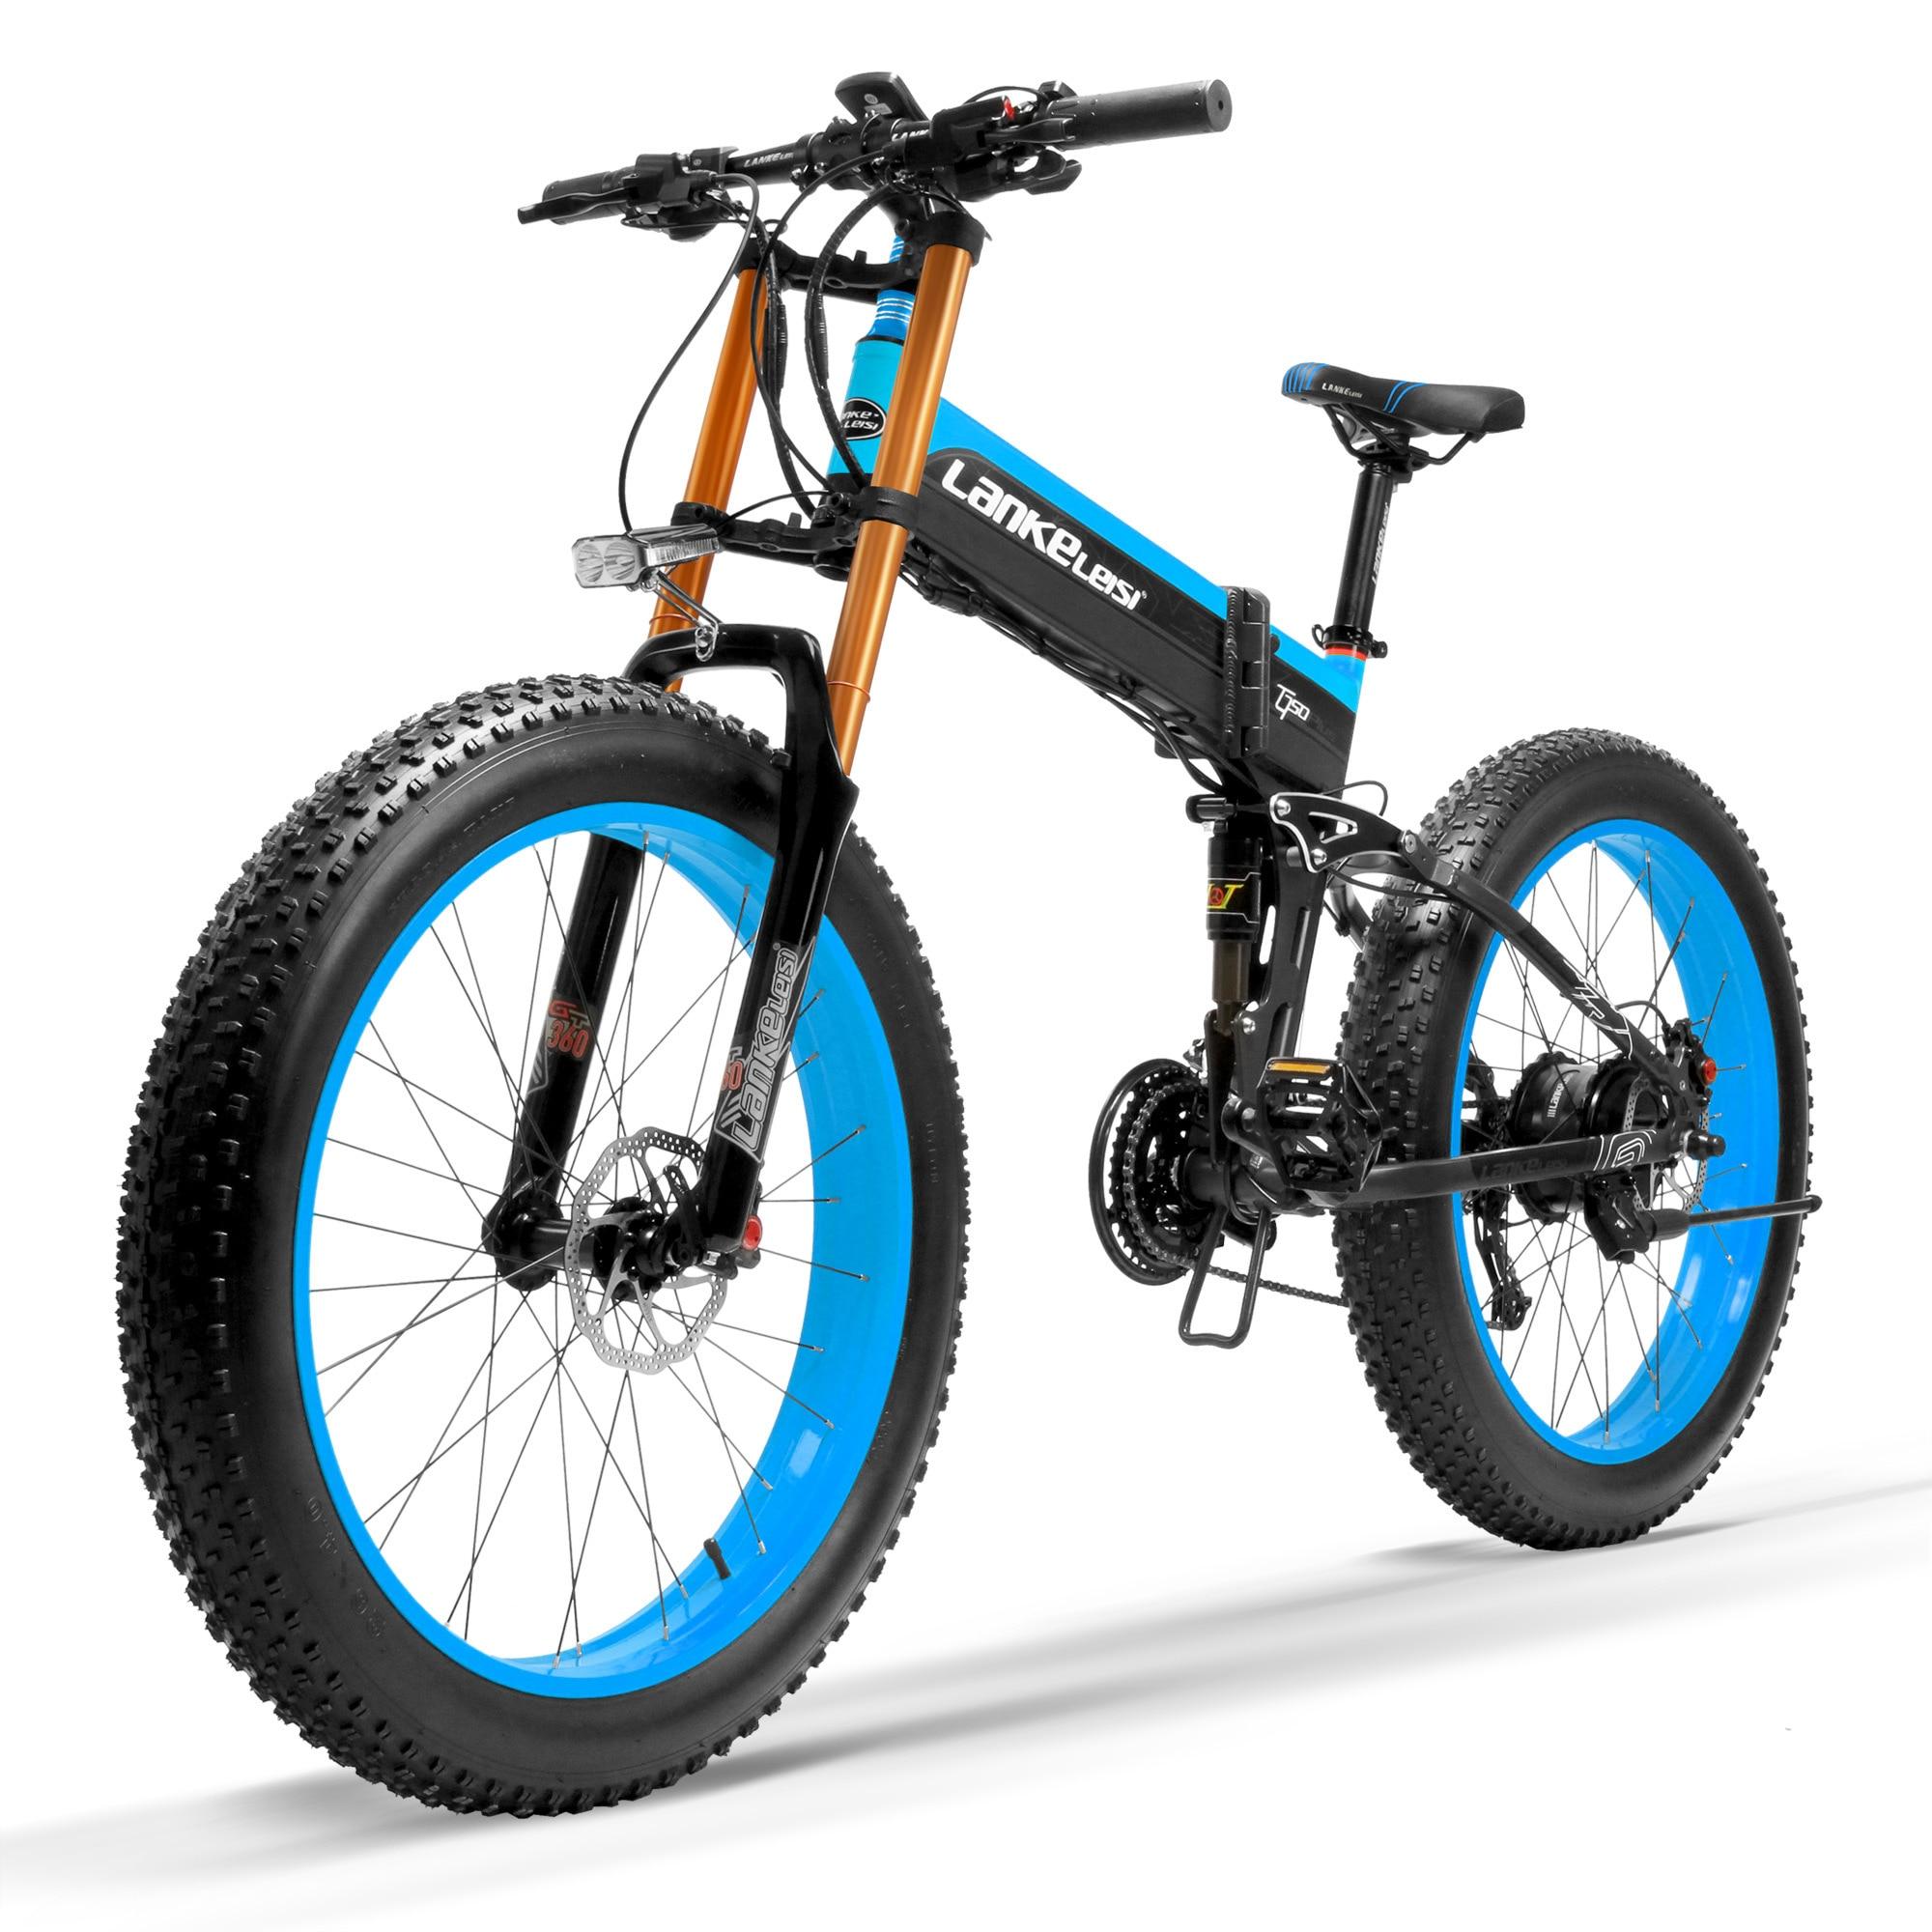 T750plus vélo électrique pliant 48 v 10a/14.5a Li Ion batterie 1000 W niveau de puissance 5 capteur d'assistance à la pédale fourche mise à jour